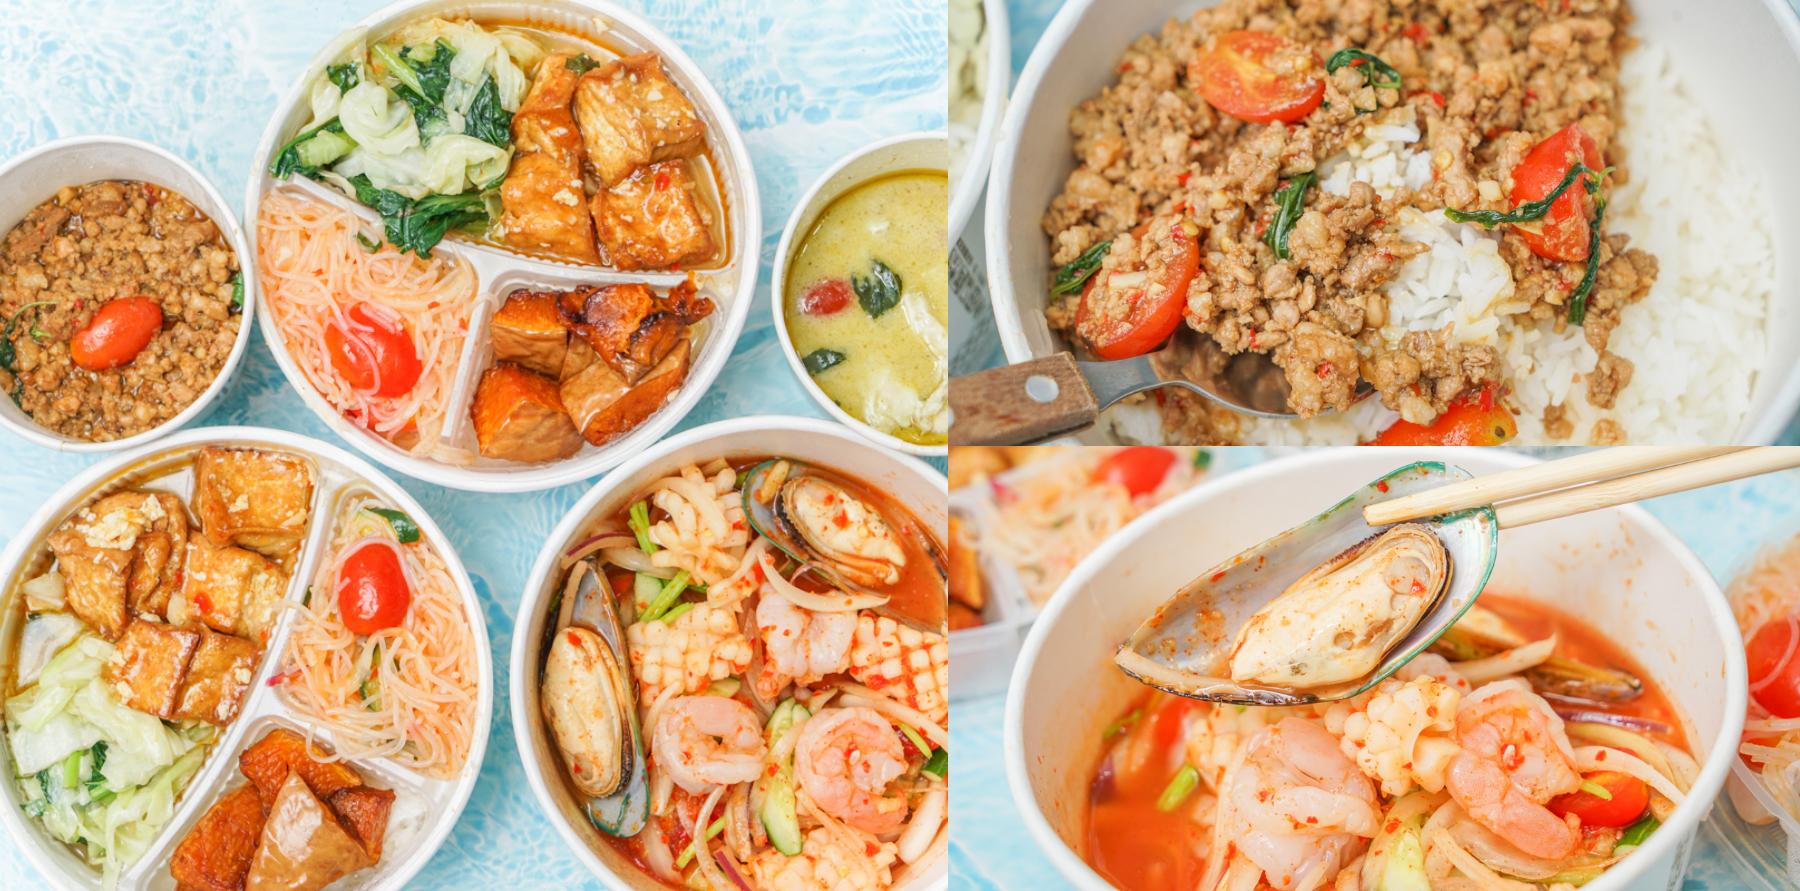 台北必吃泰式料理精選 一秒置身南洋海島度假去(更新20210806) @梅格(Angelababy)享樂日記